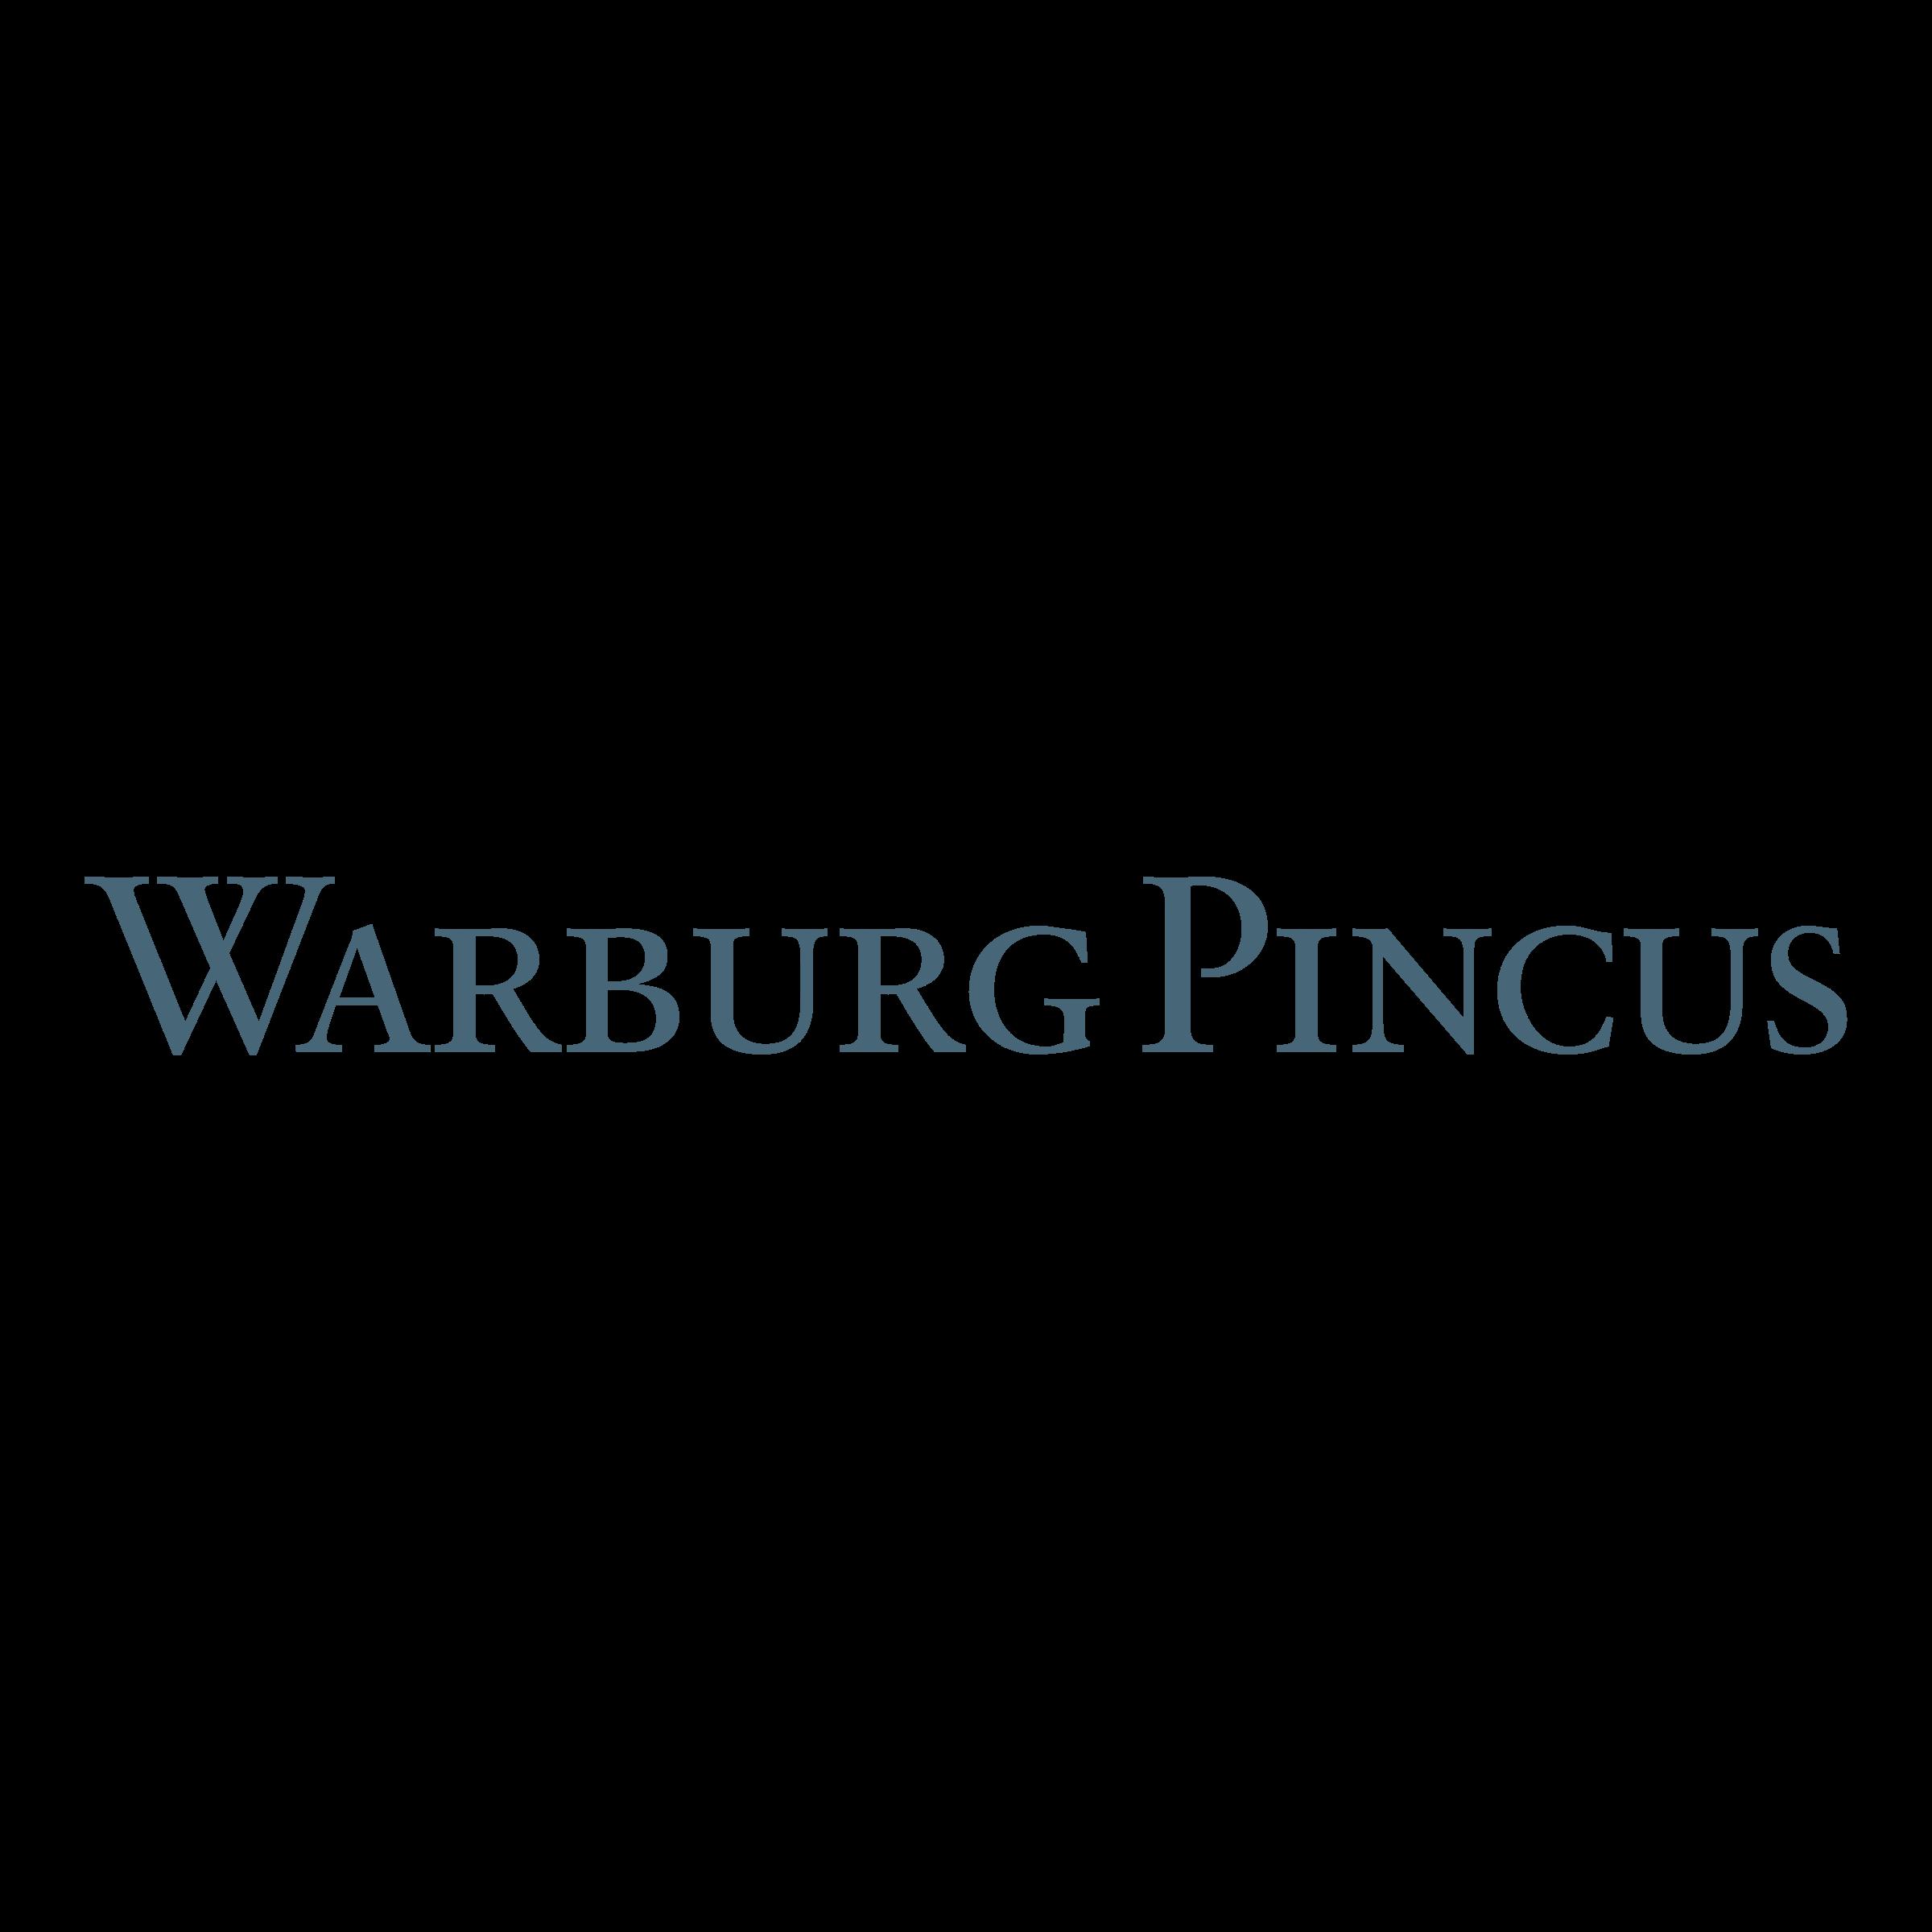 warburg-pincus-logo-png-transparent.png